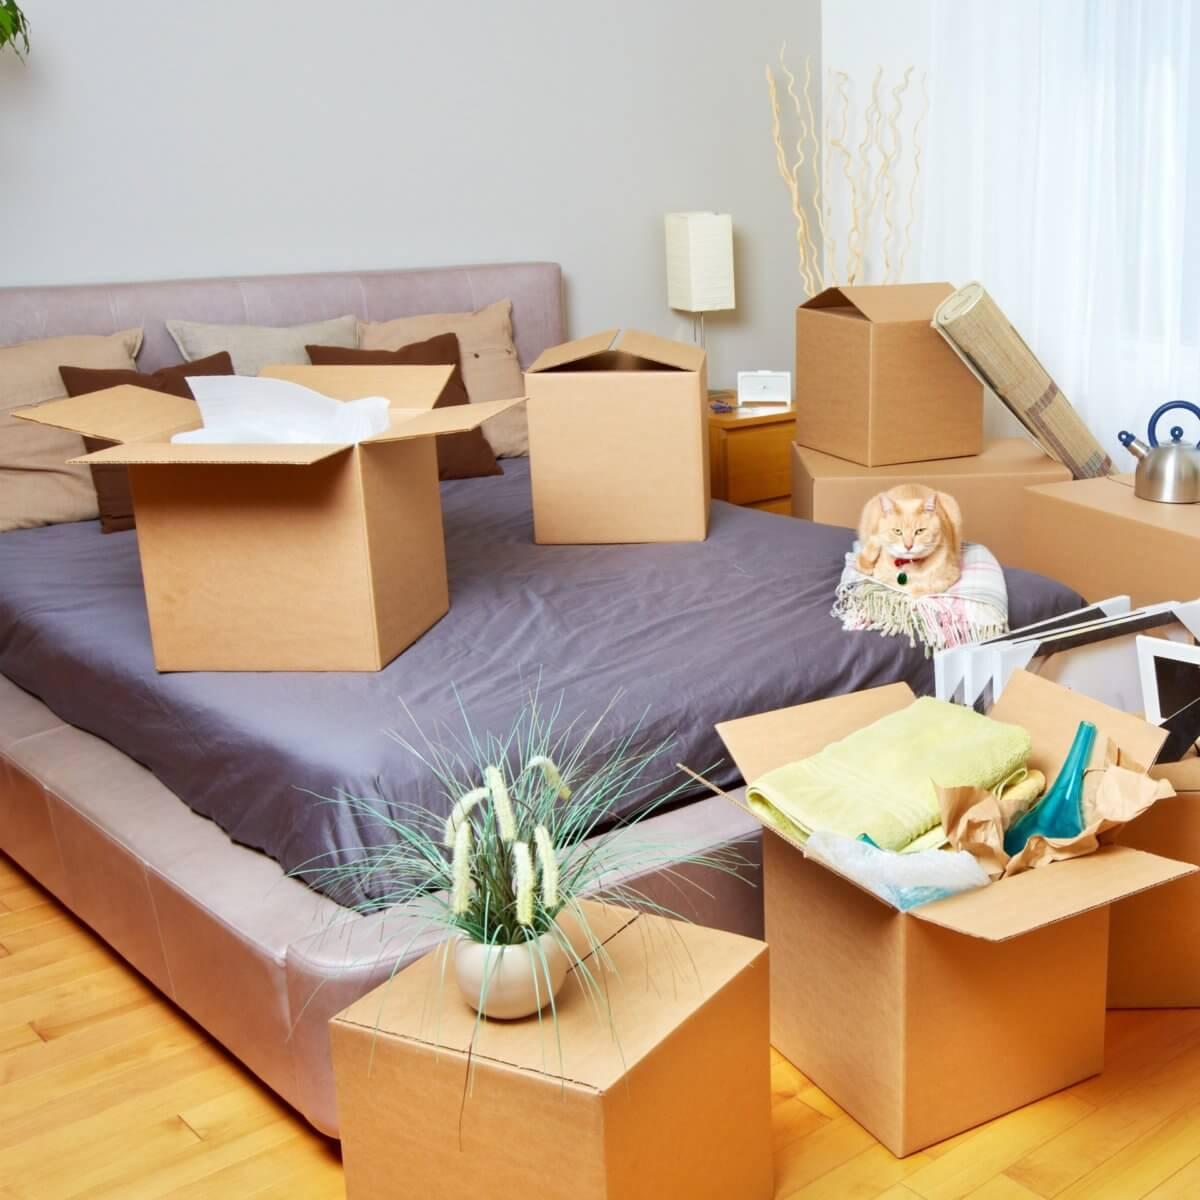 traslocare una camera da letto